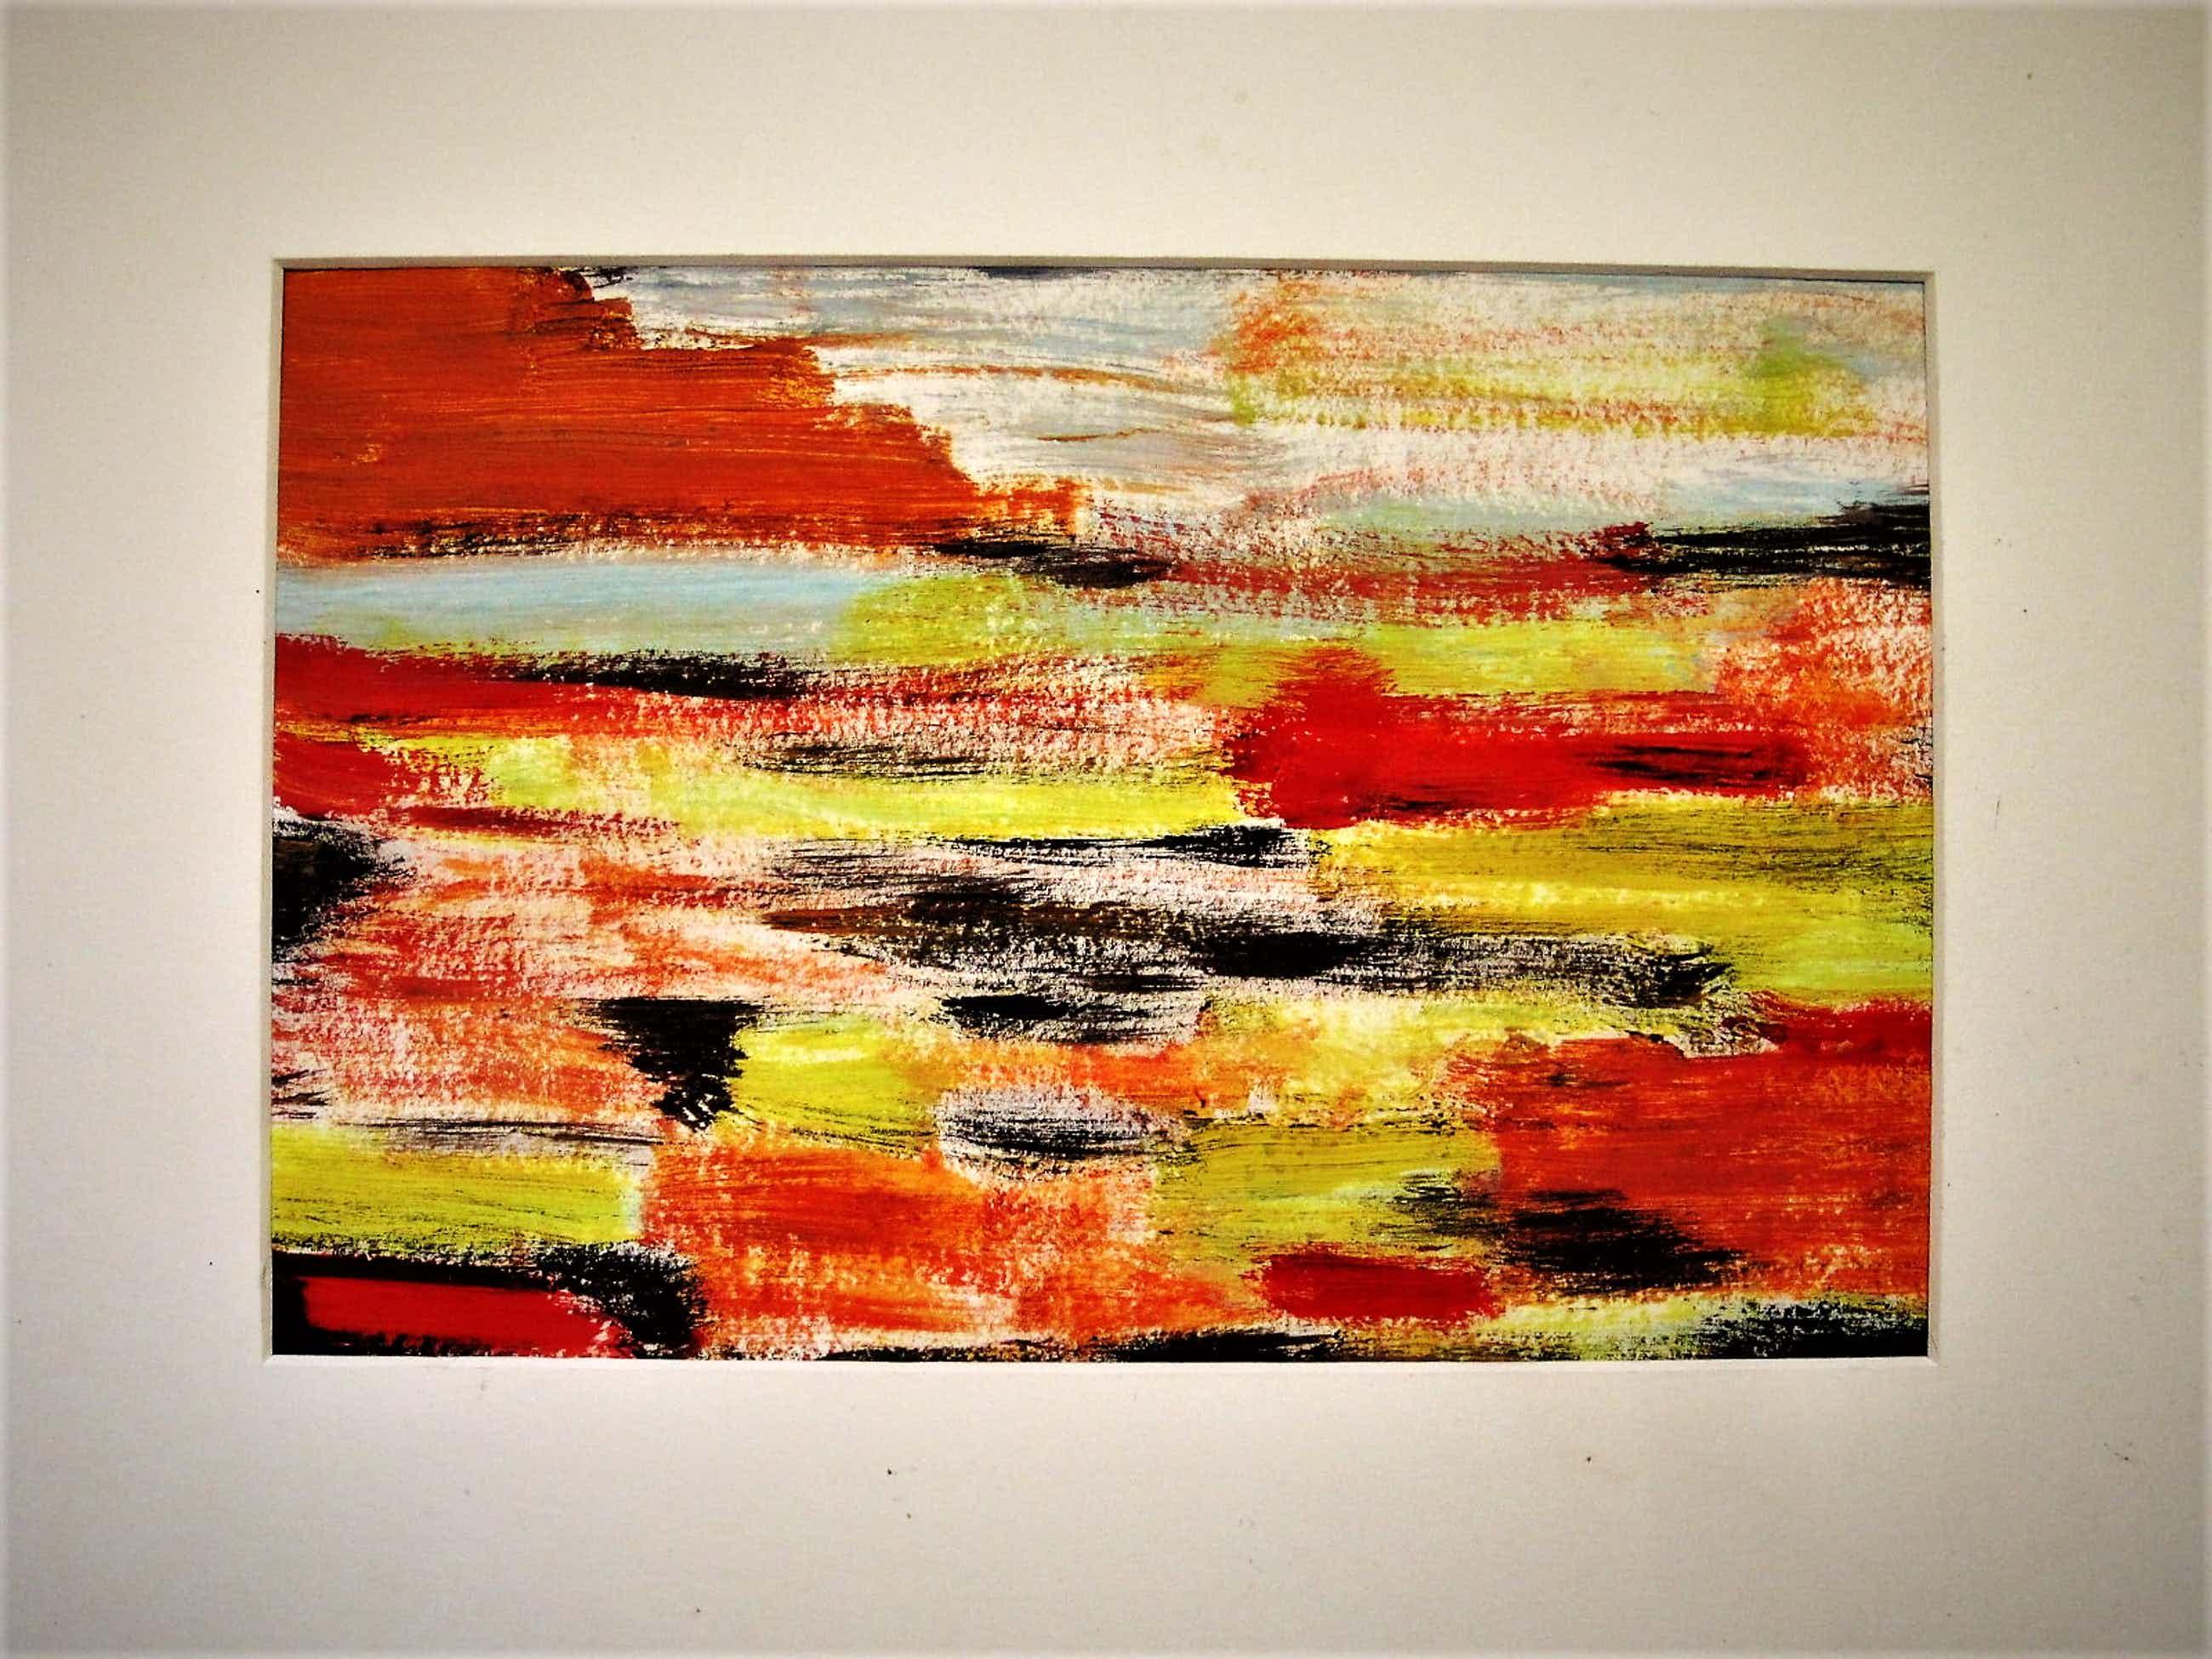 """Ernst Vijlbrief - Provo kunstenaar - jaren 60 OLIEVERF """"Toscaans landschap"""" gesigneerd kopen? Bied vanaf 45!"""